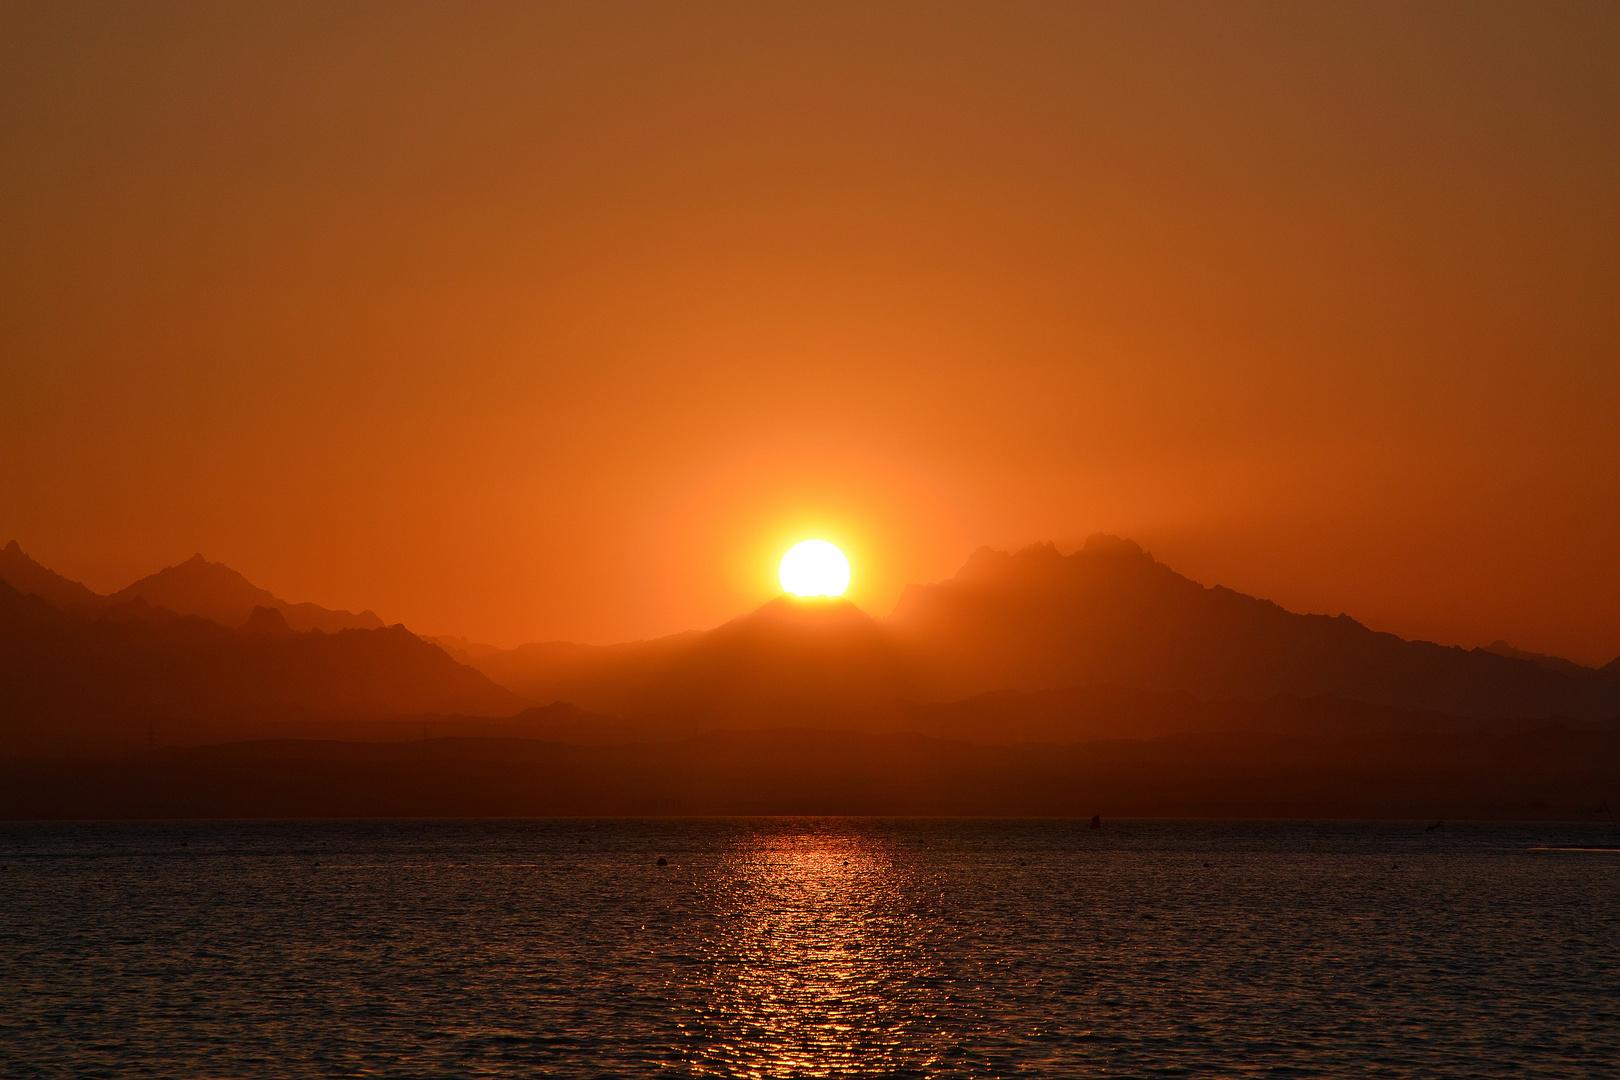 Sonnenuntergang Ägypten